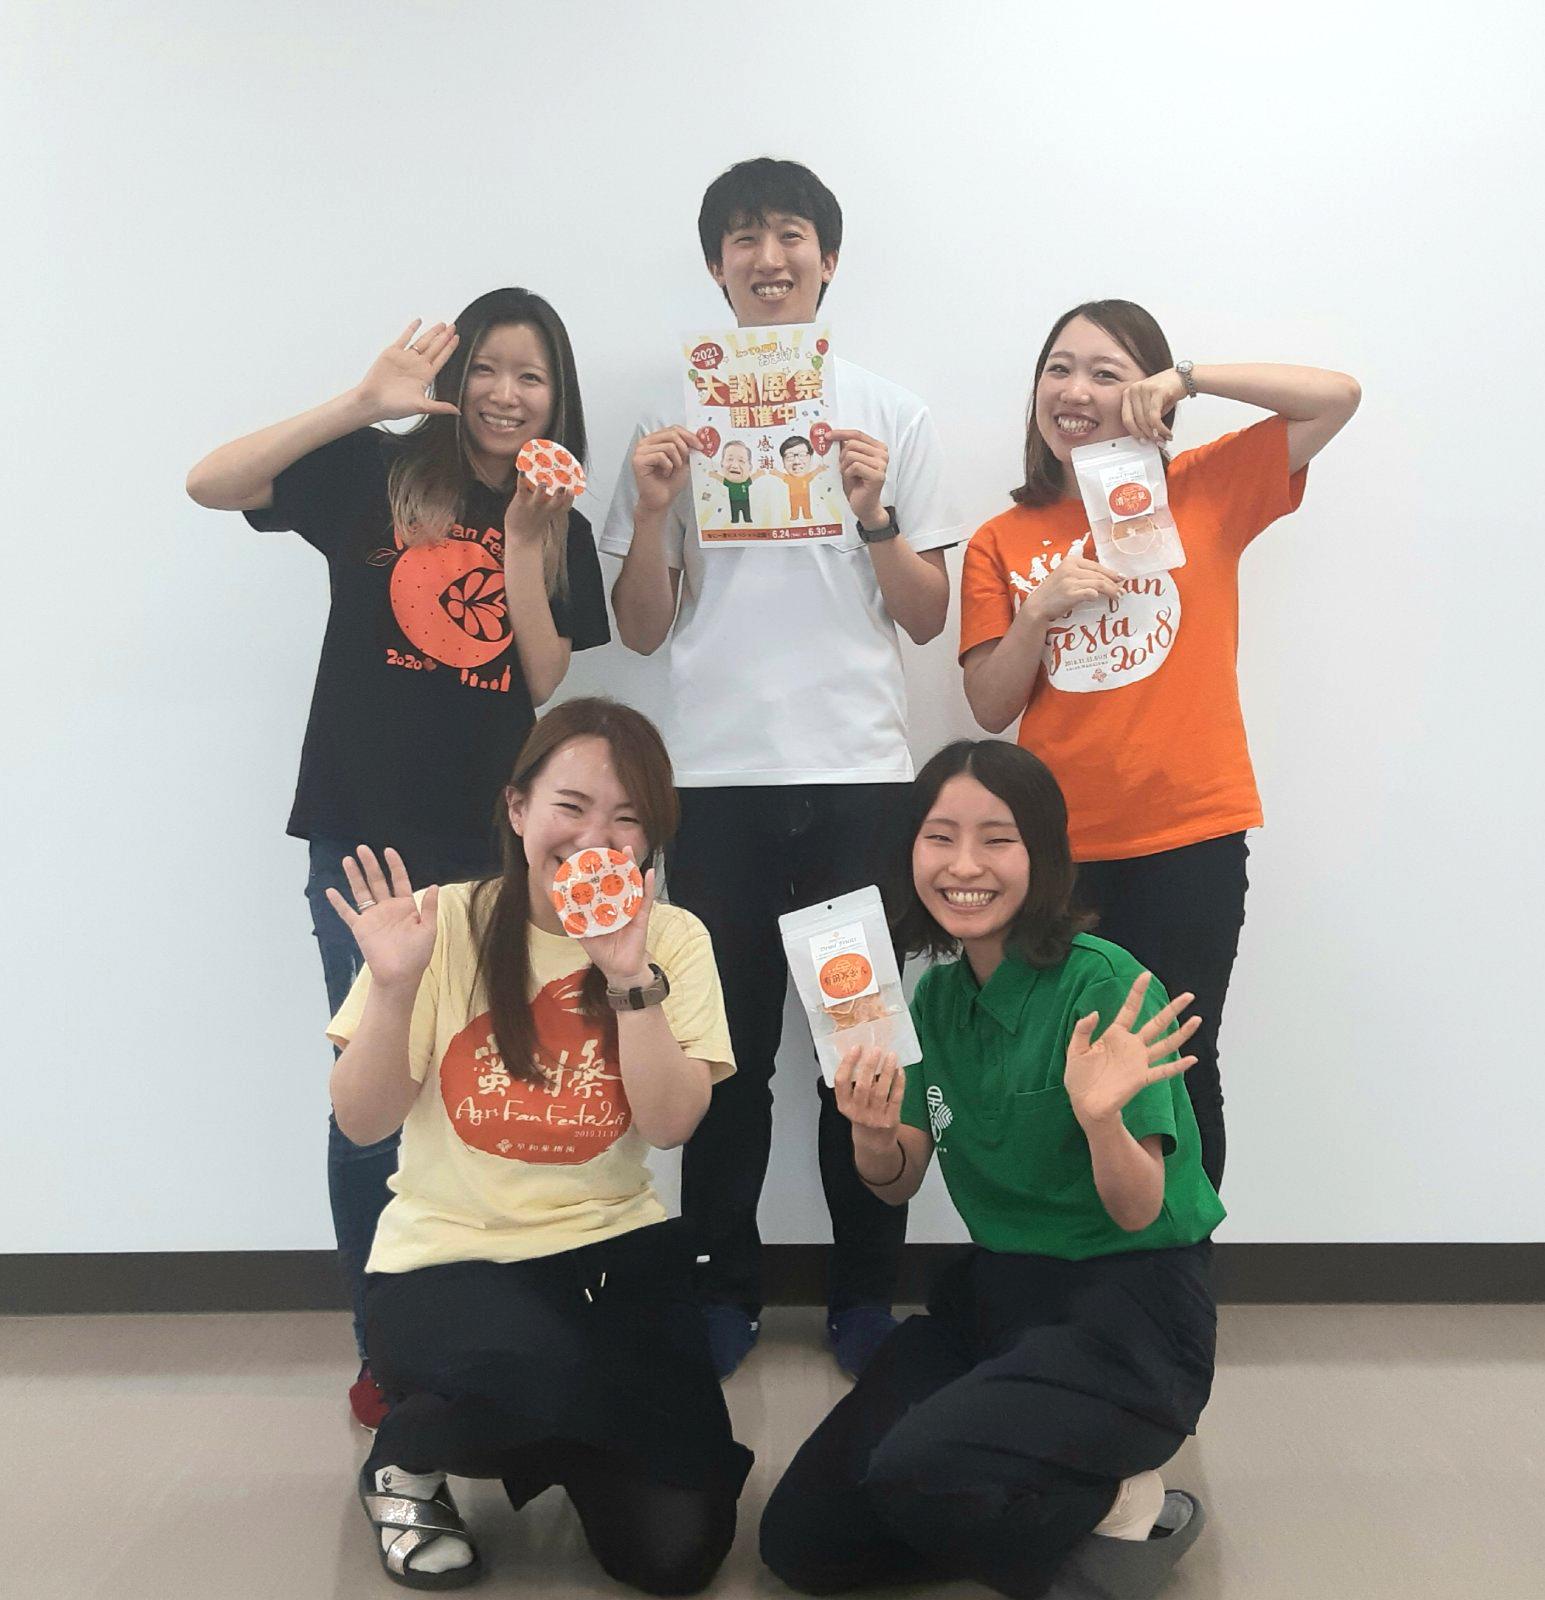 歴代早和果樹園Tシャツデザインがこちら!